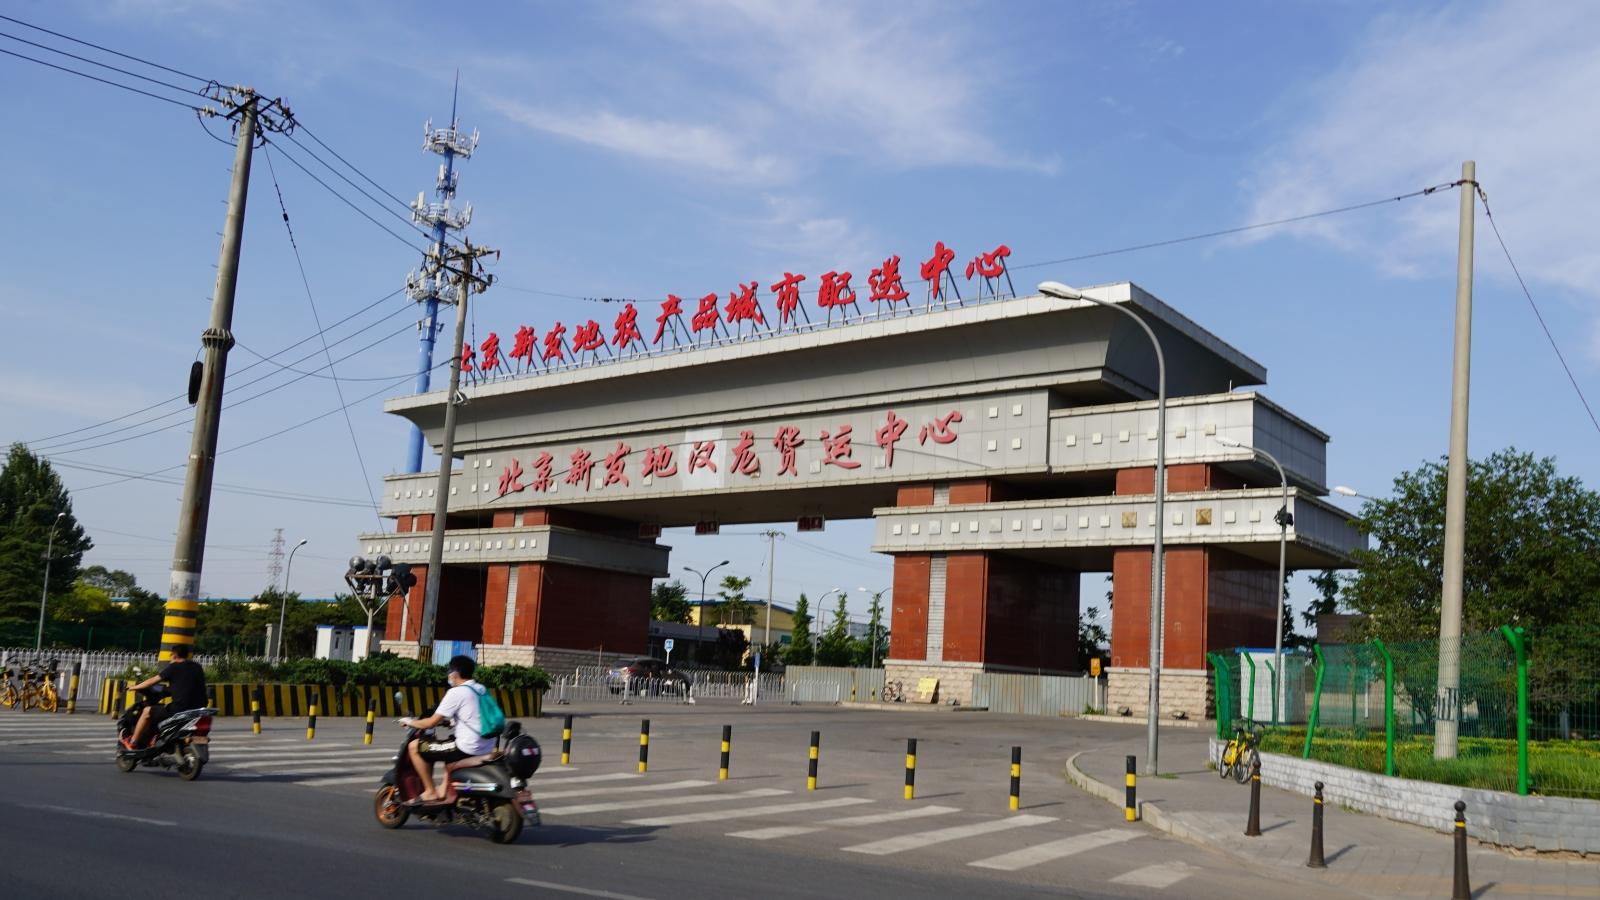 5 tỉnh thành ở Trung Quốc có ca Covid-19 liên quan đến ổ dịch Bắc Kinh